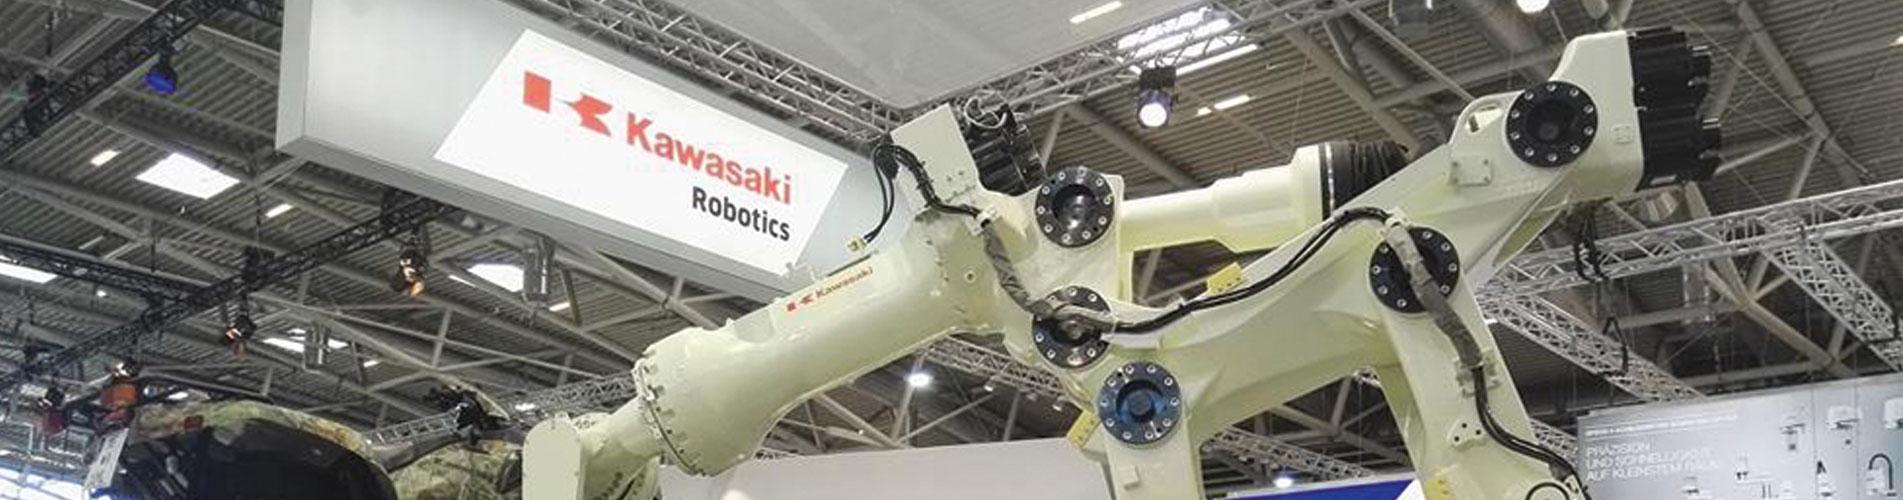 kawasaki robotics de grandes cargas